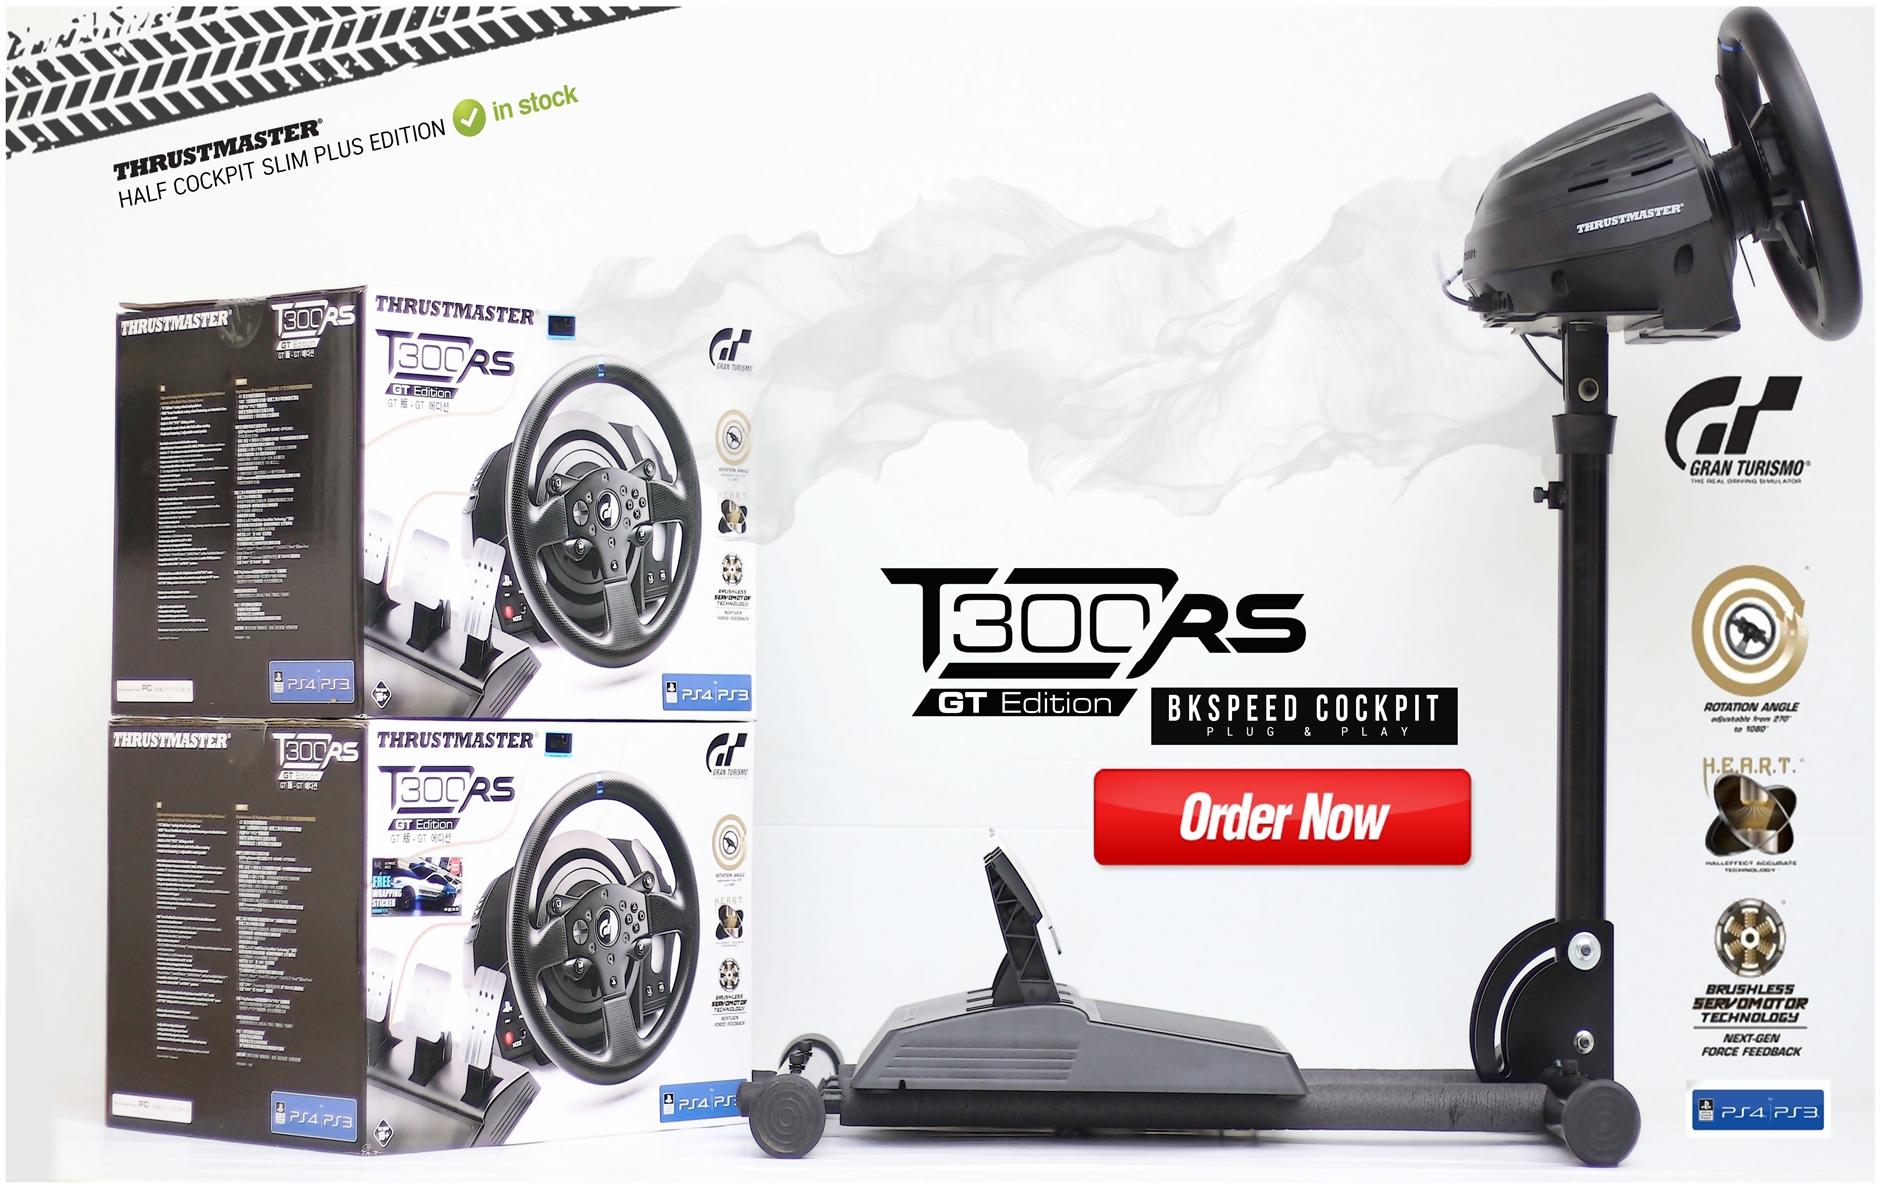 Sell] ชุดพวงมาลัย G29 T150 T300 T500 พร้อม ชุดซิมูเรเตอร์ พร้อมใช้งาน